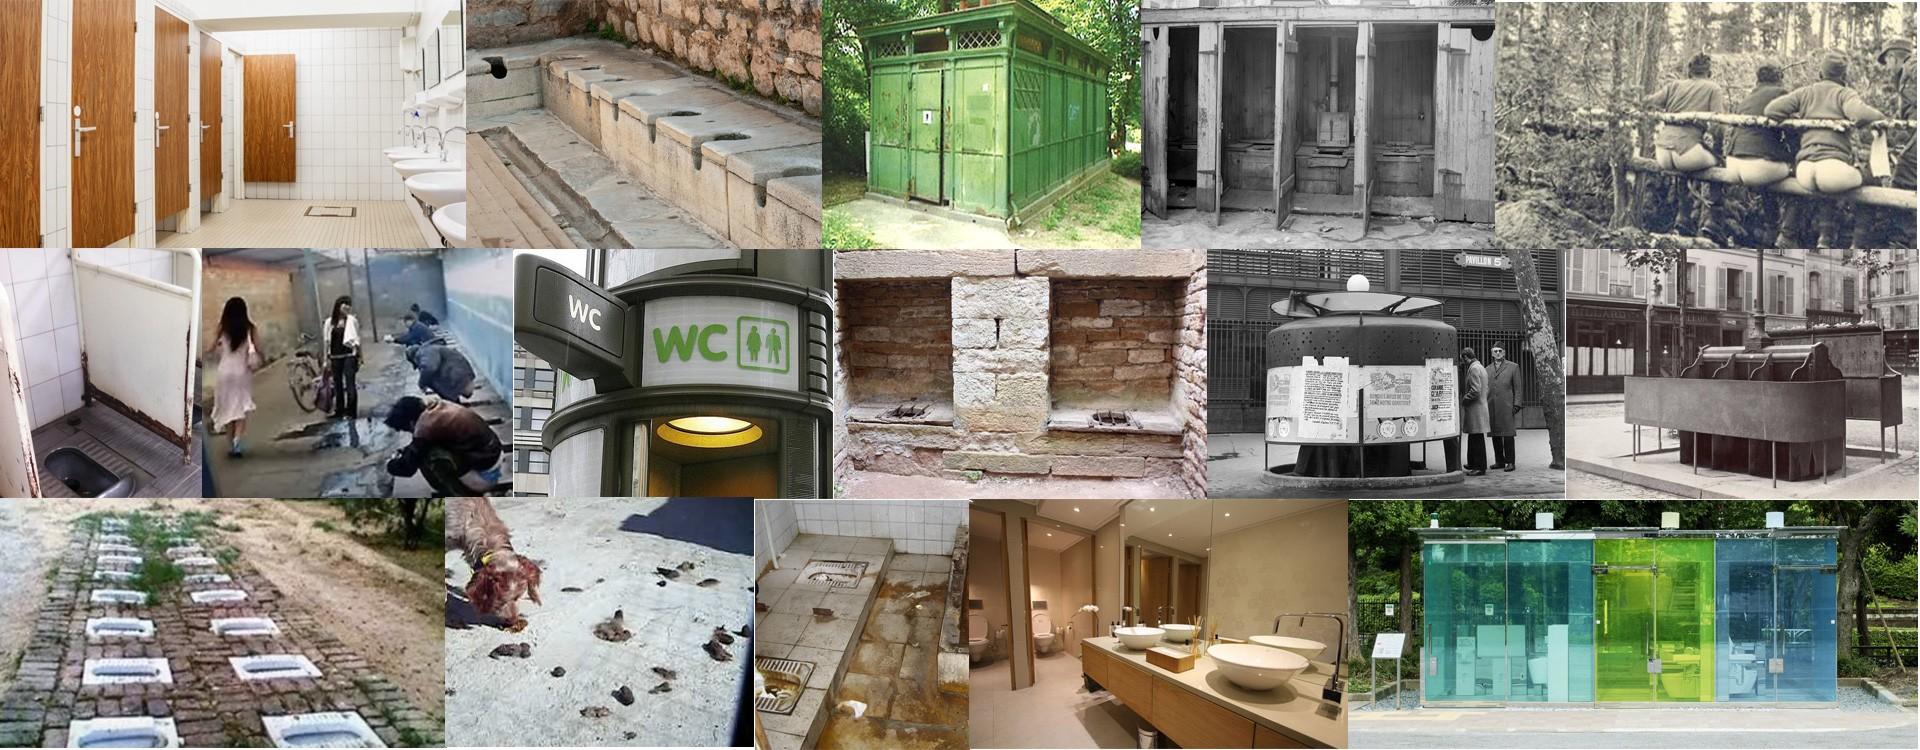 Les toilettes publiques.